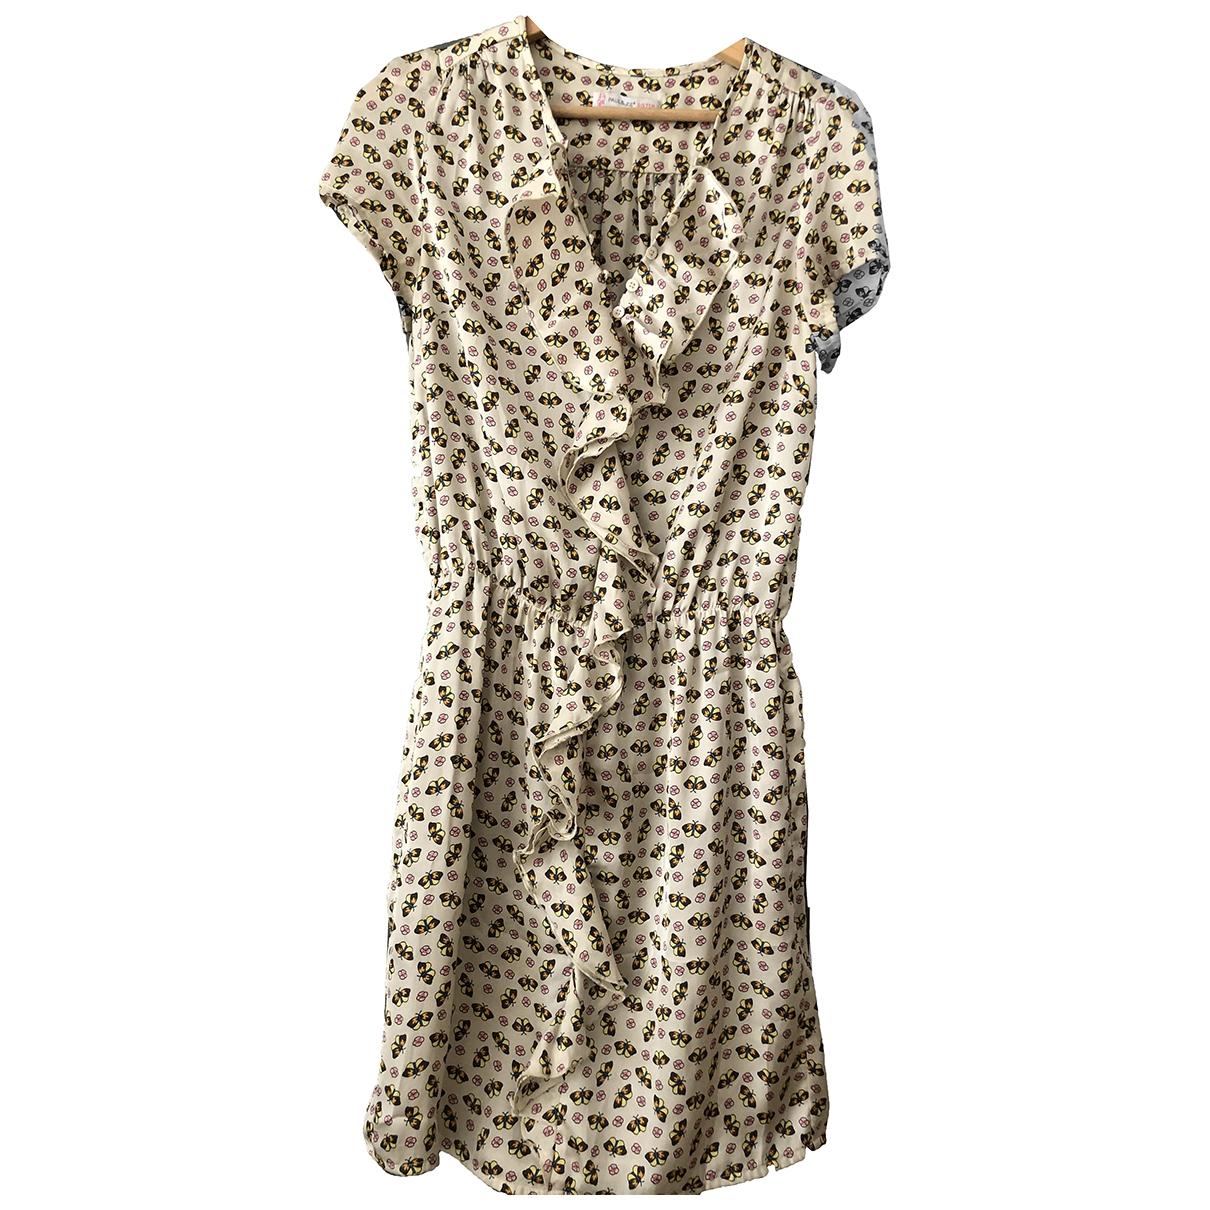 Paul & Joe Sister \N Beige dress for Women 36 FR